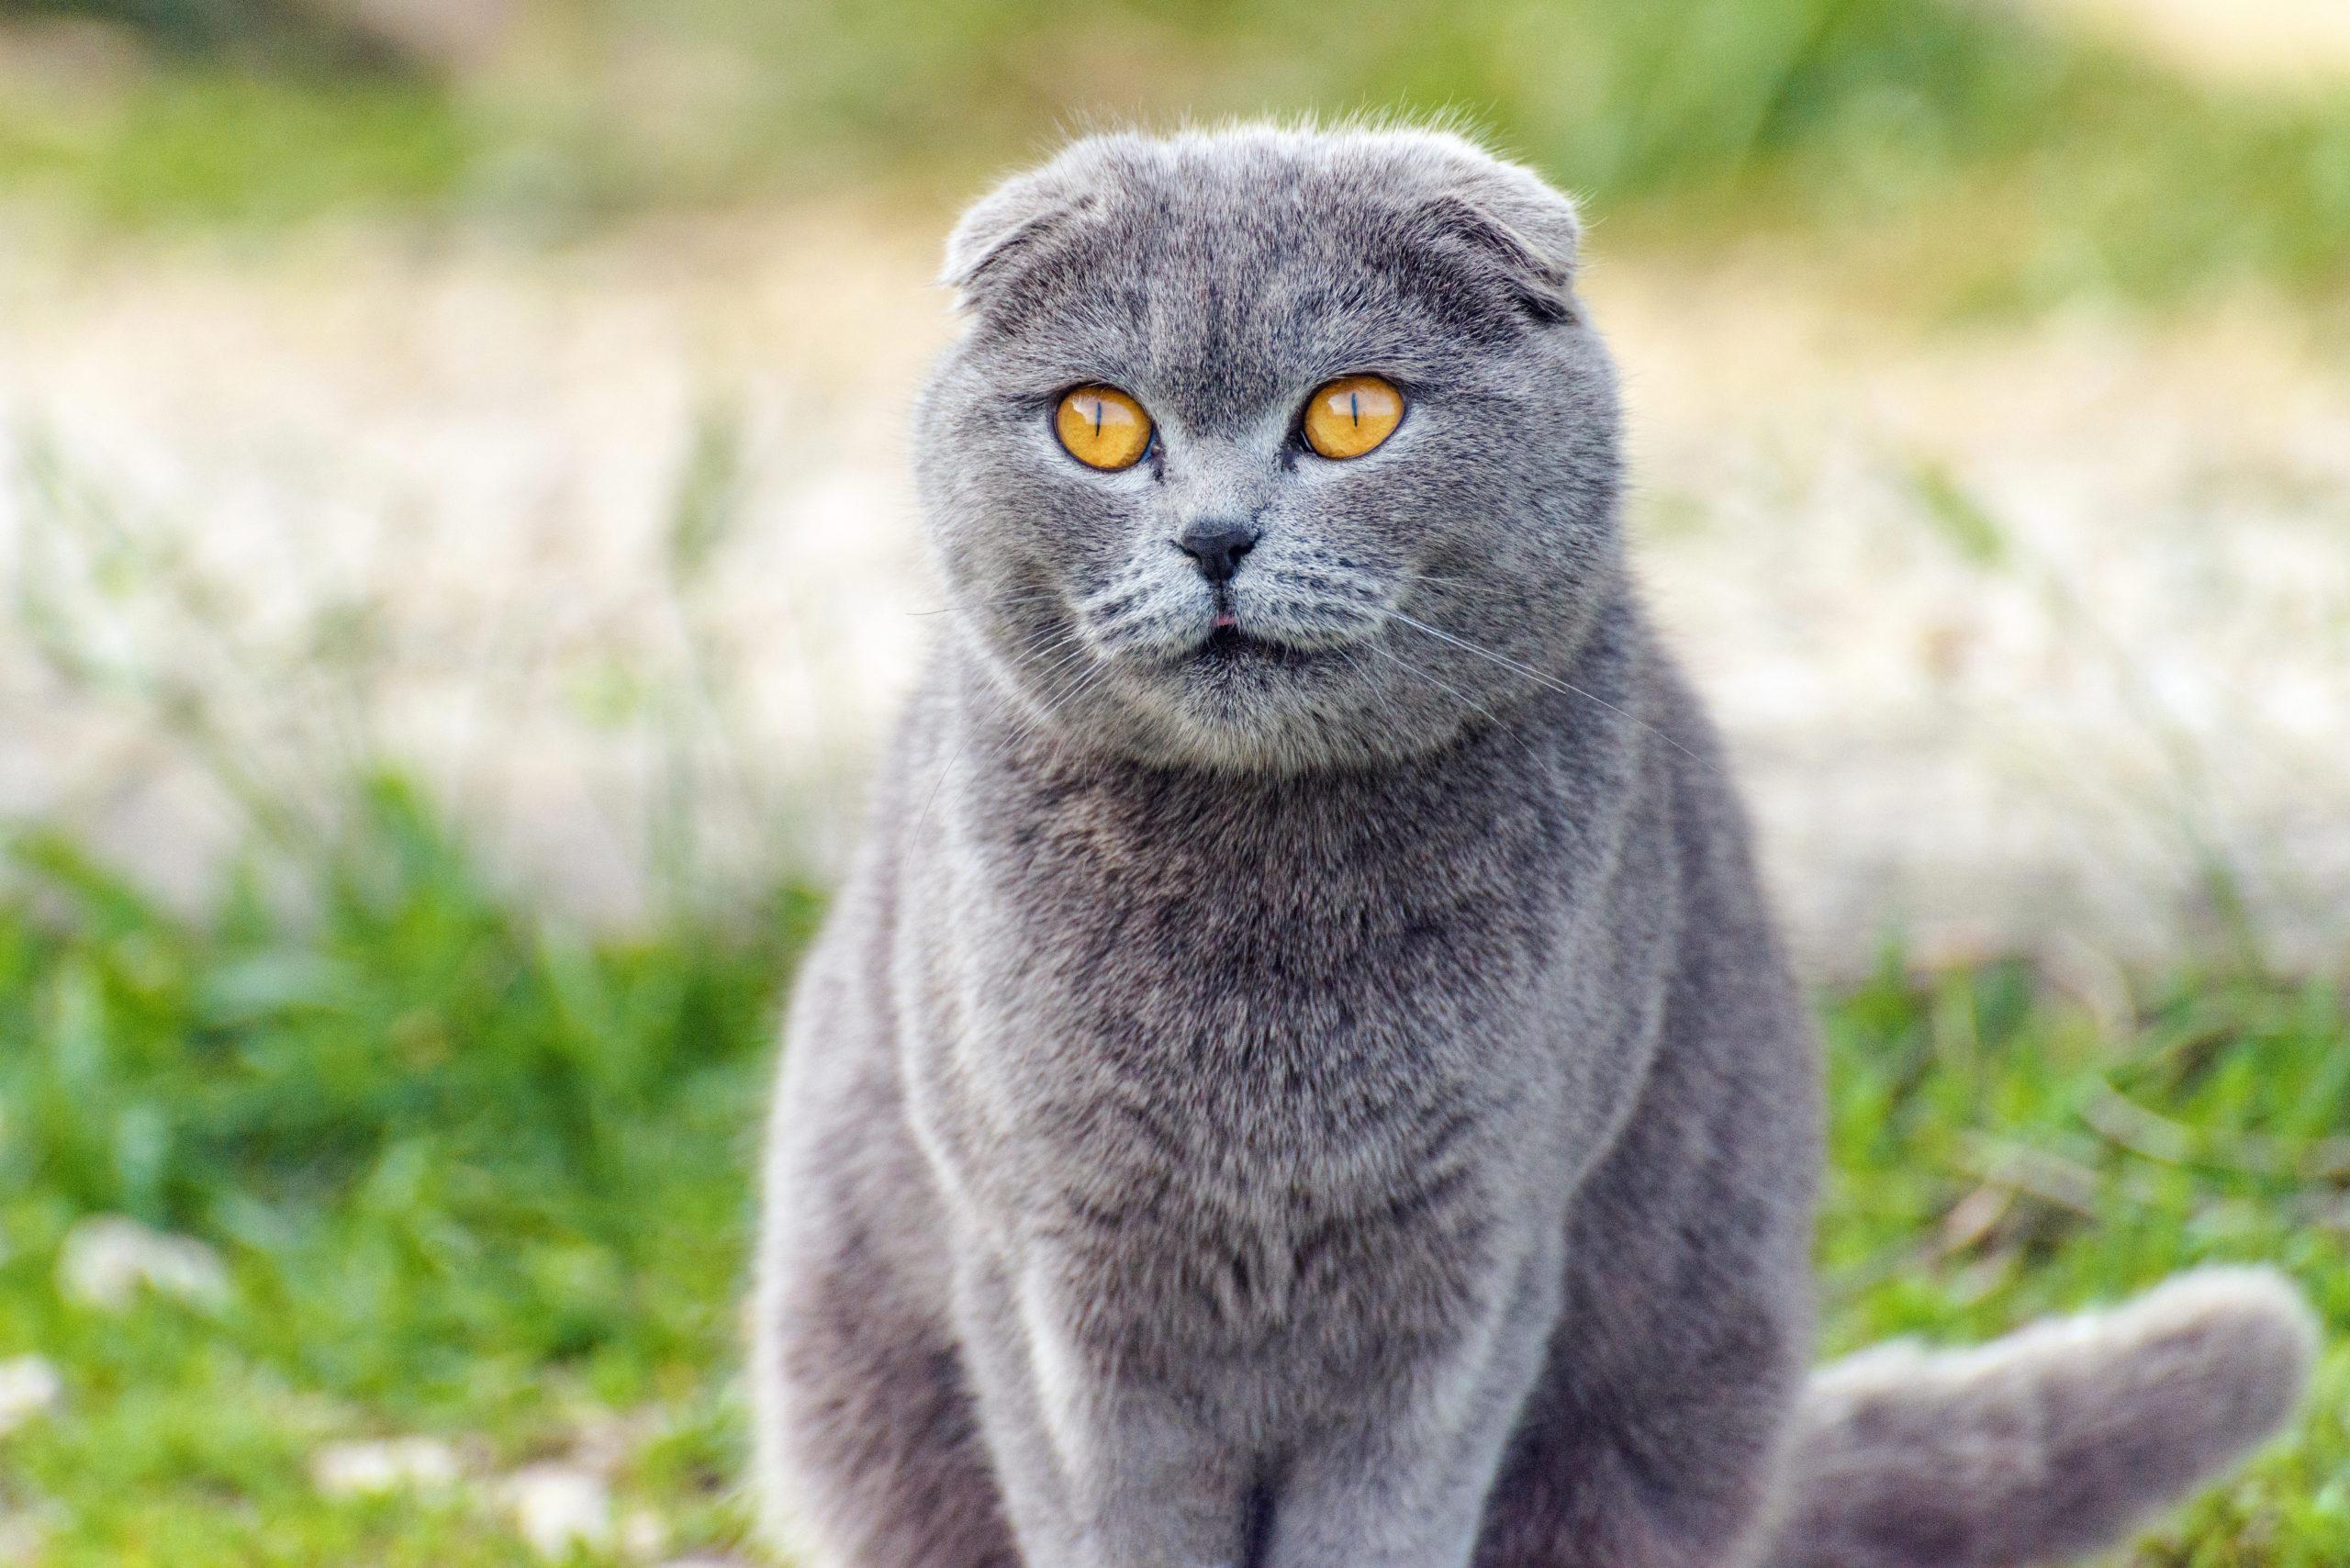 しっぽが短い猫とは?【しっぽが短い猫は幸運を呼ぶ】